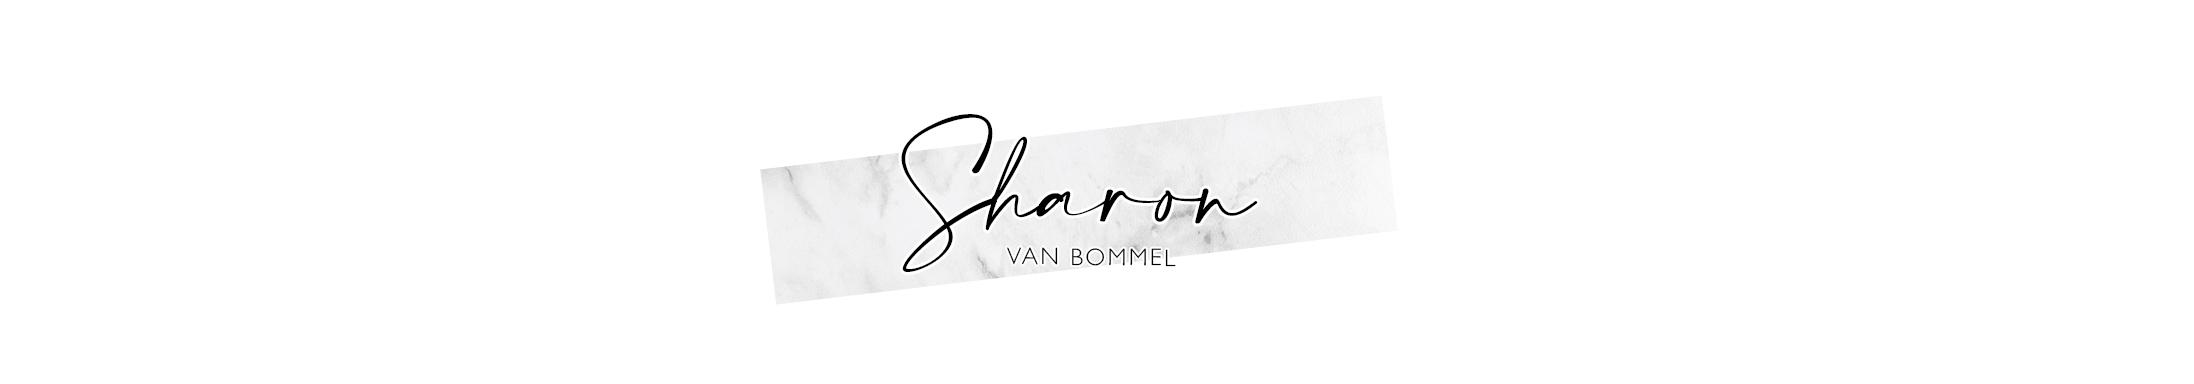 SHARONVANBOMMEL.NL